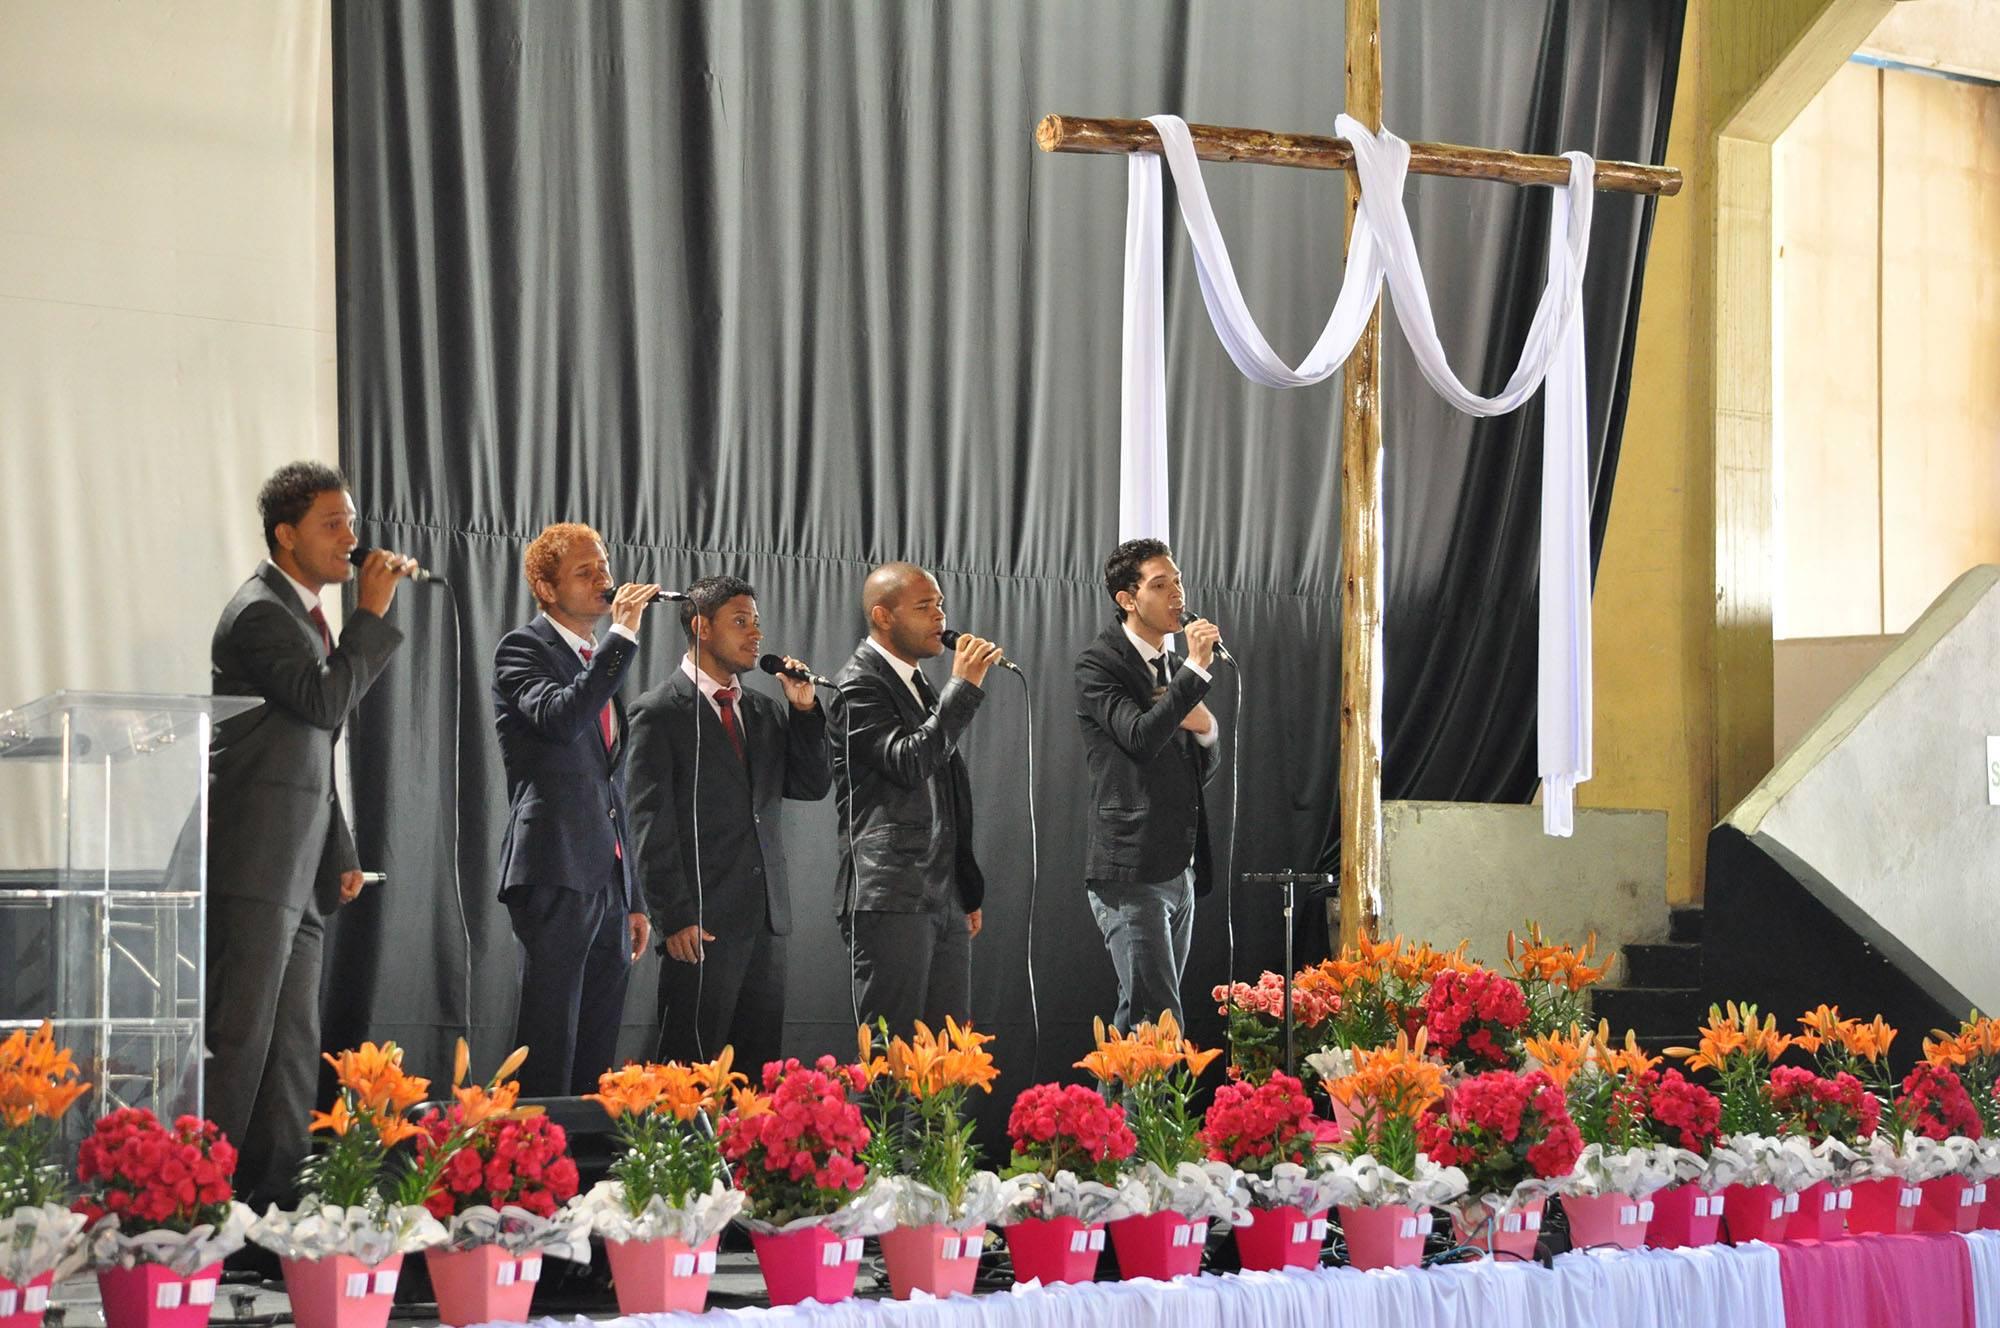 O encontro teve a participação do Grupo Heivs da cidade de São Paulo.